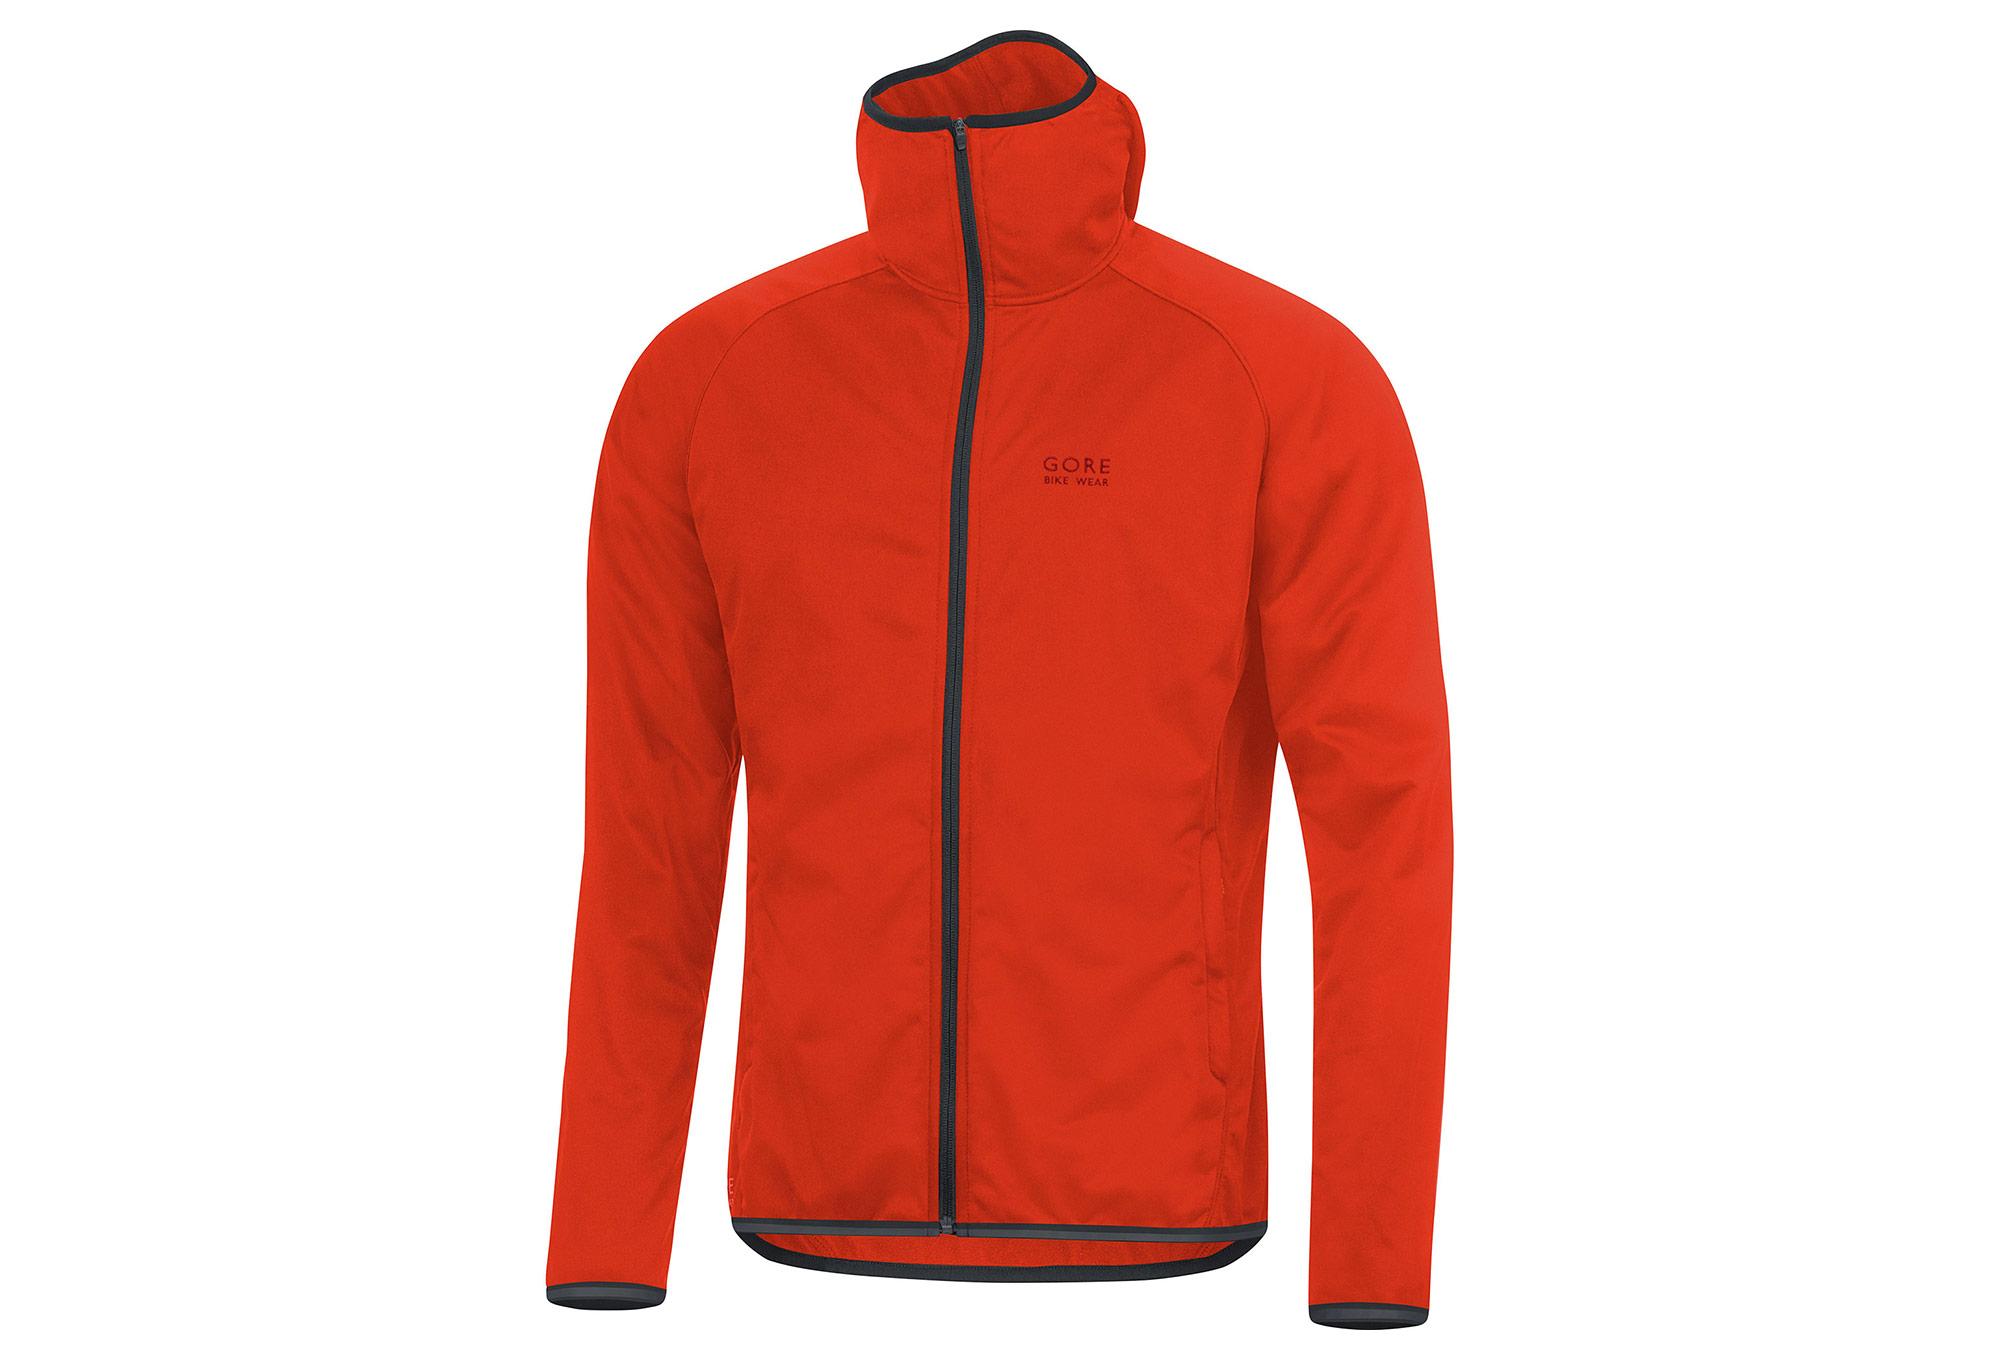 Gore Bike Wear E Urban Windstopper Jacket Orange ...